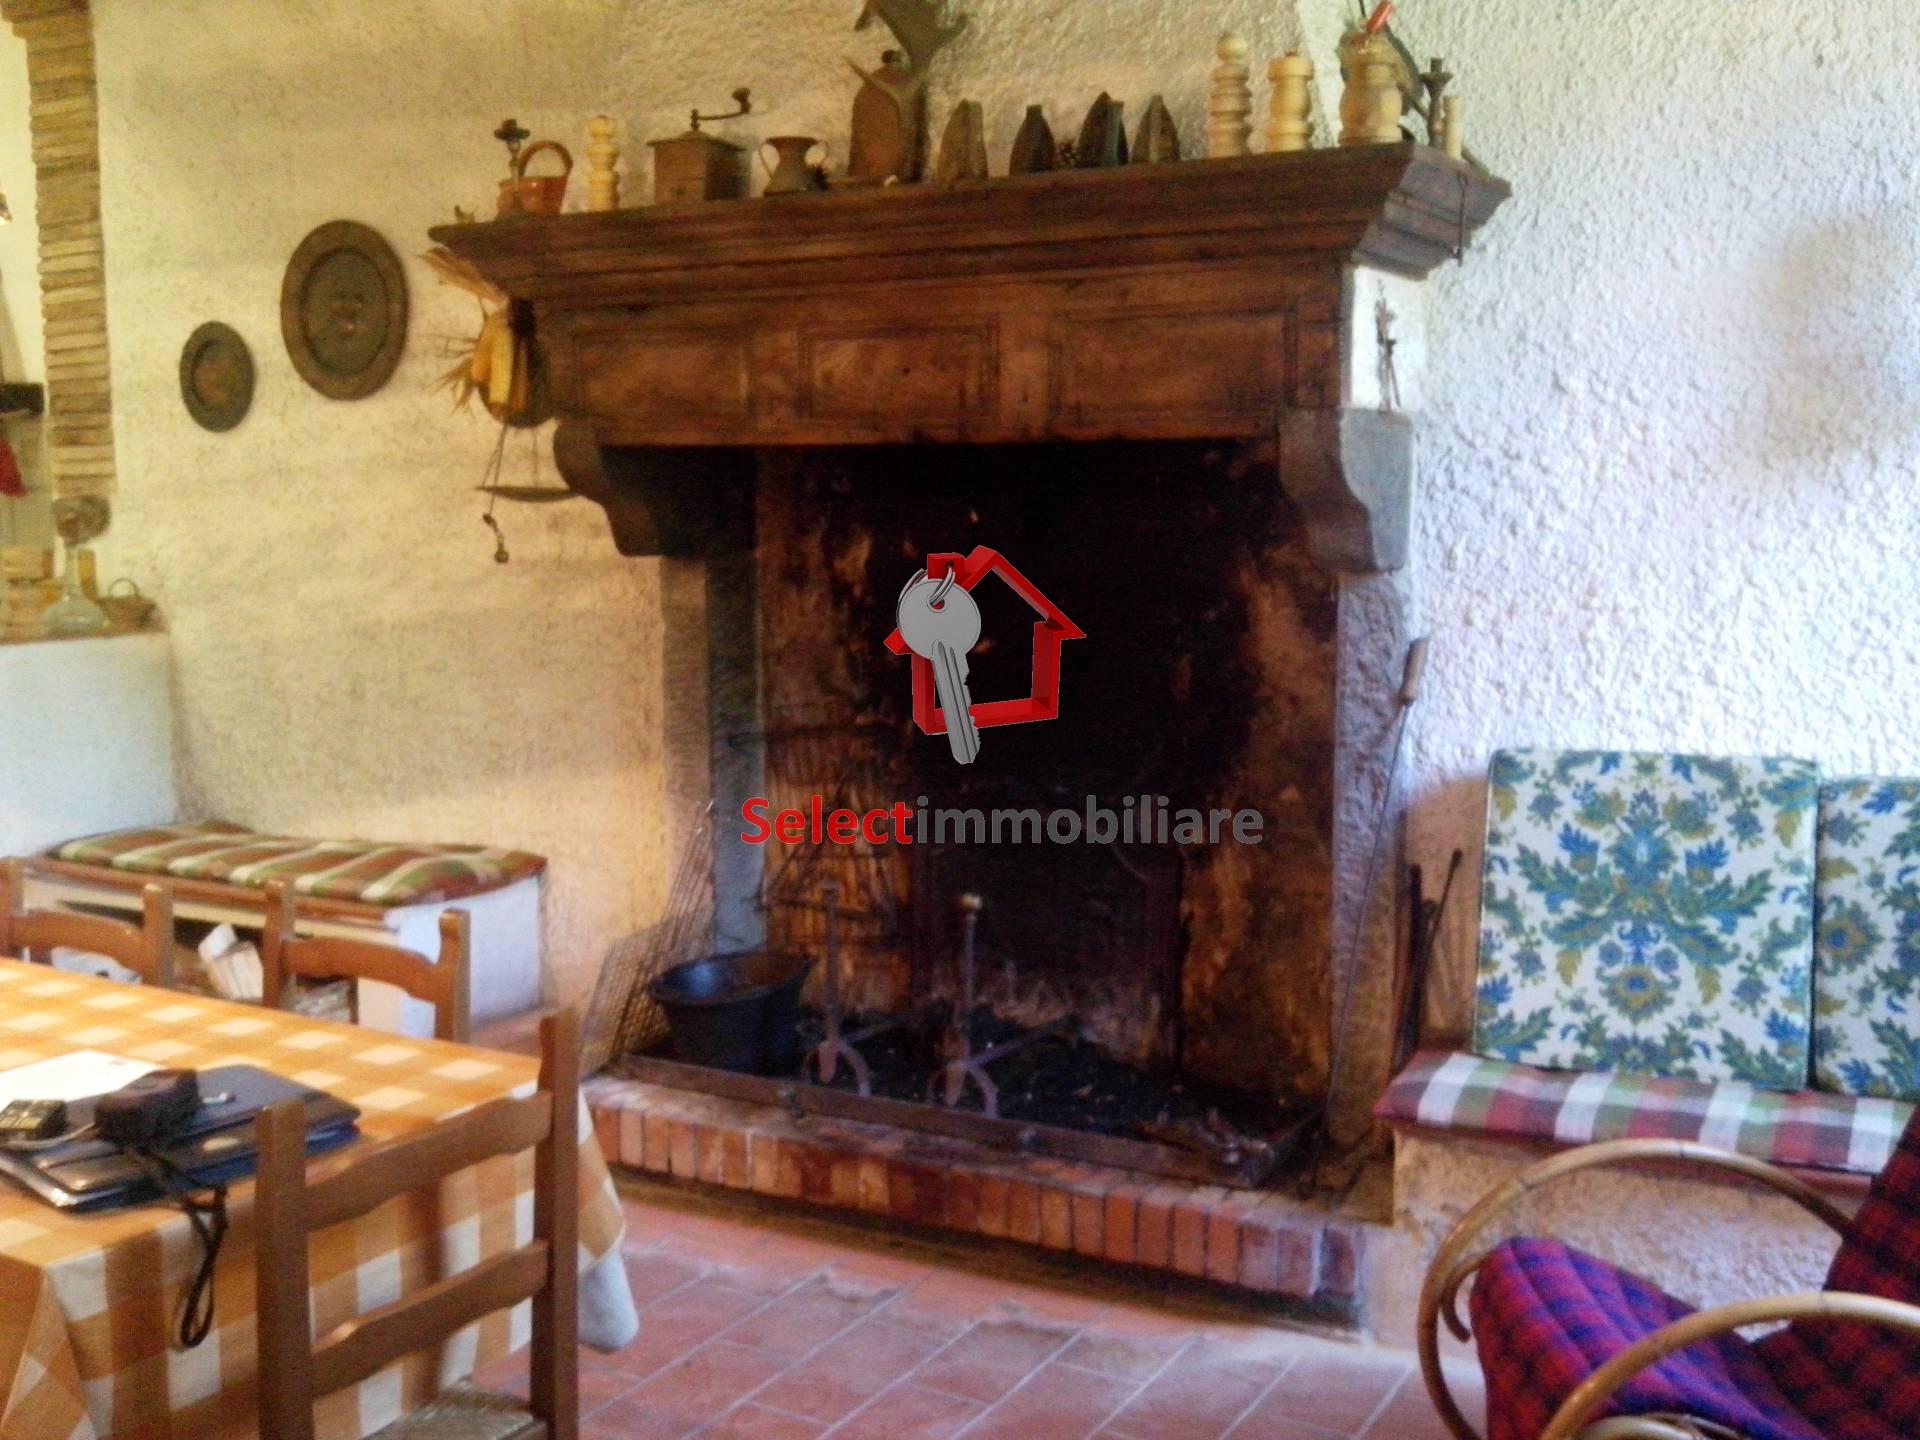 Soluzione Semindipendente in vendita a Pescaglia, 7 locali, prezzo € 135.000 | CambioCasa.it